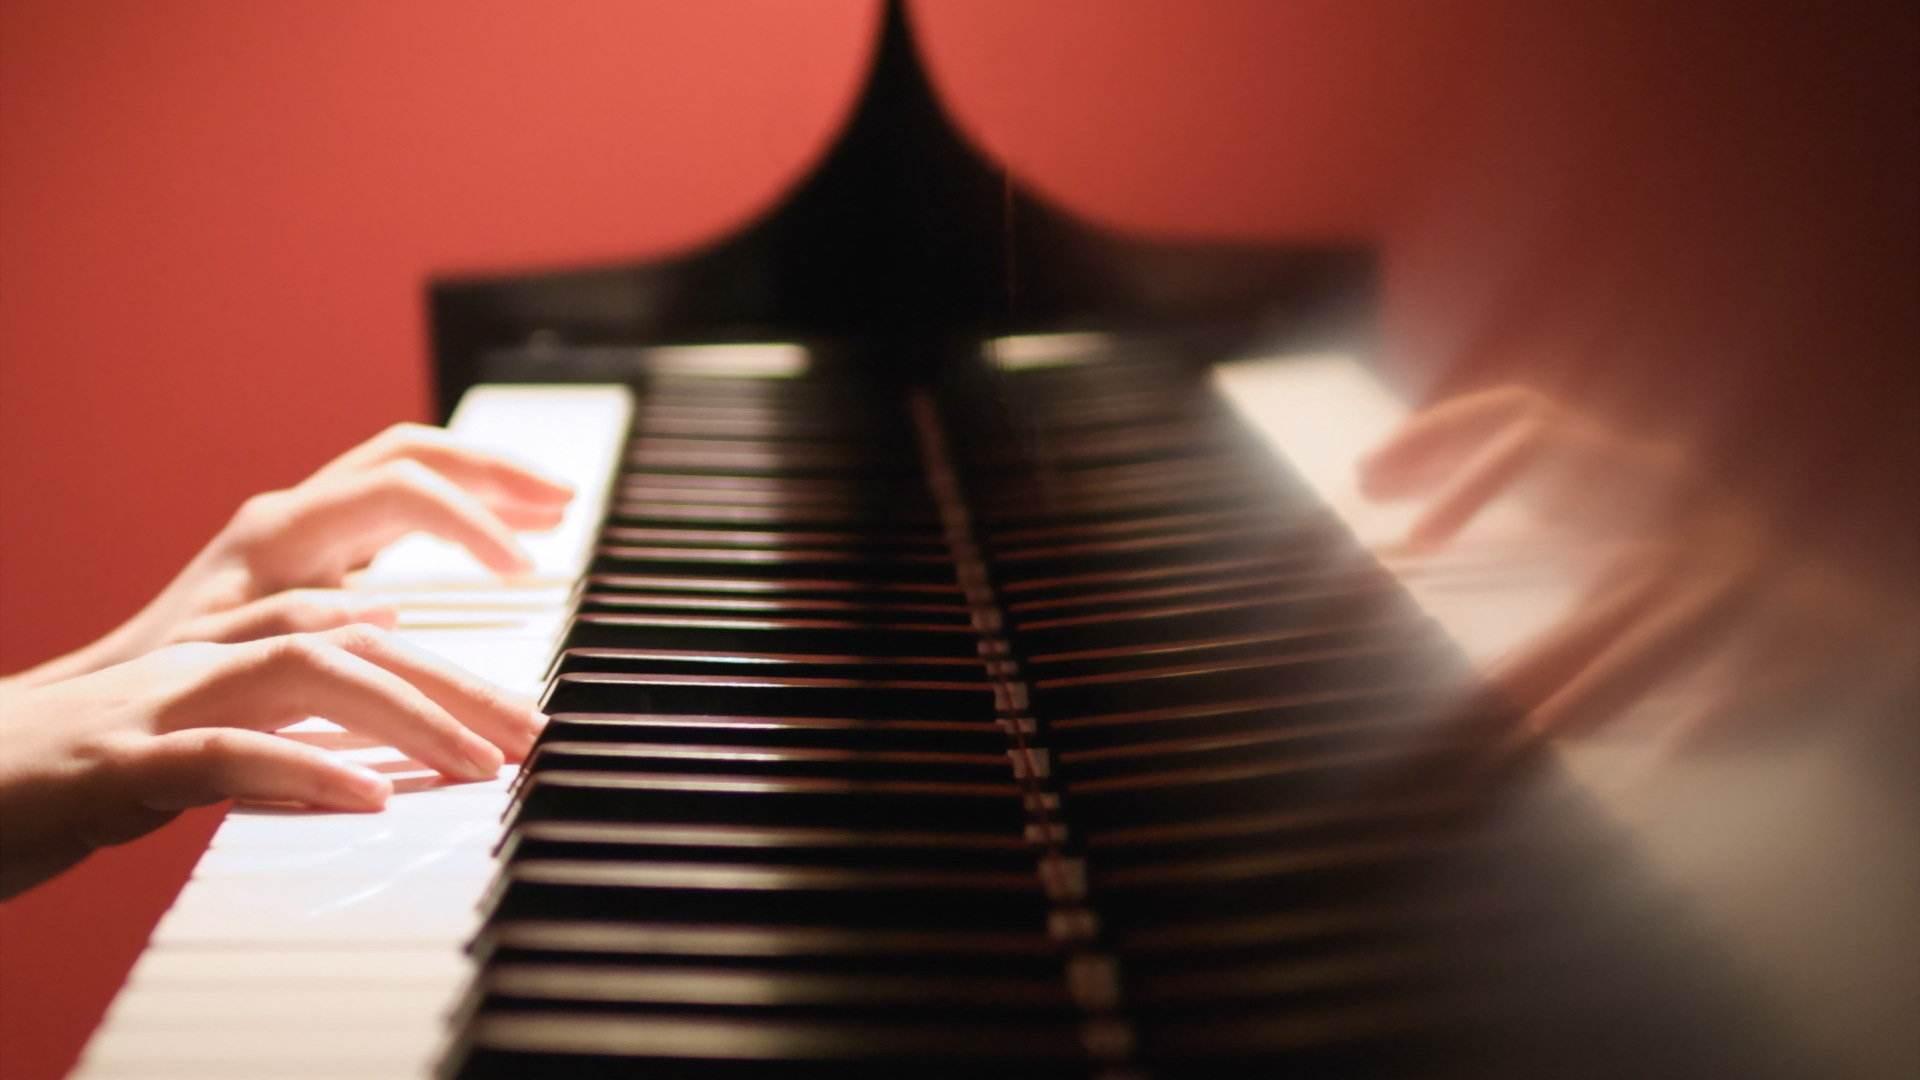 如何克服钢琴演奏时的心理紧张?